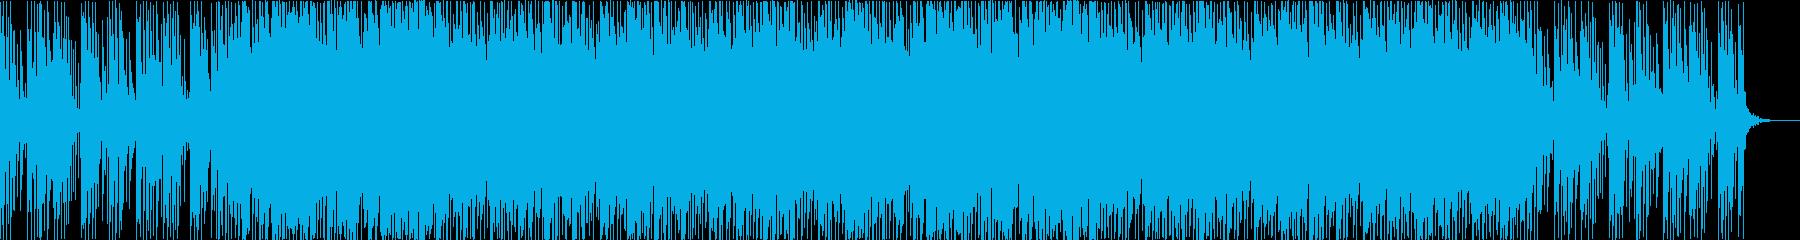 ベルとマリンバを使った優しいBGMです。の再生済みの波形